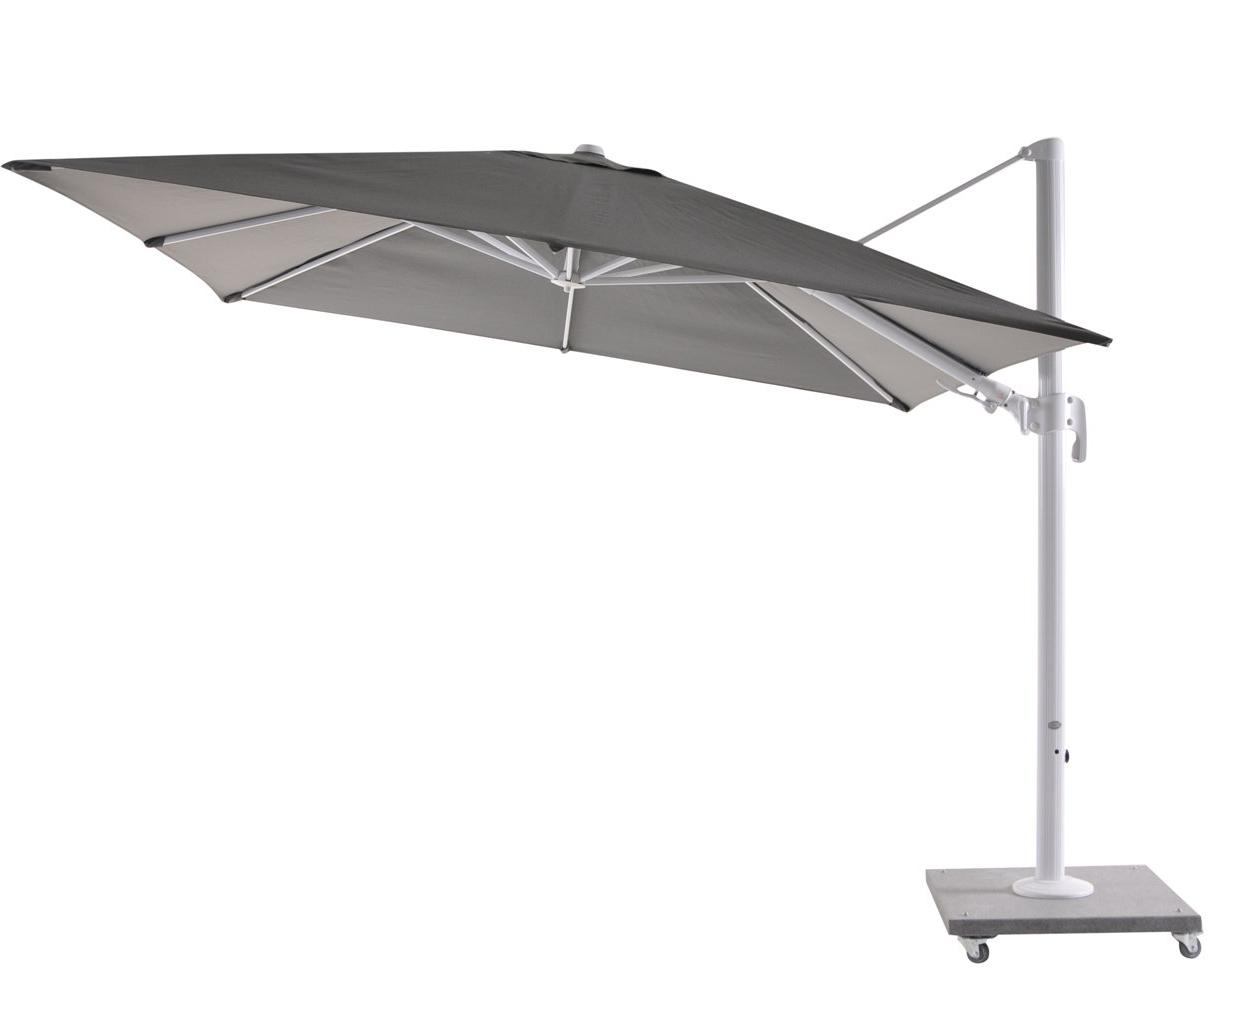 Bozarth 10' Square Cantilever Umbrella In Well Liked Bondi Square Cantilever Umbrellas (Gallery 17 of 20)